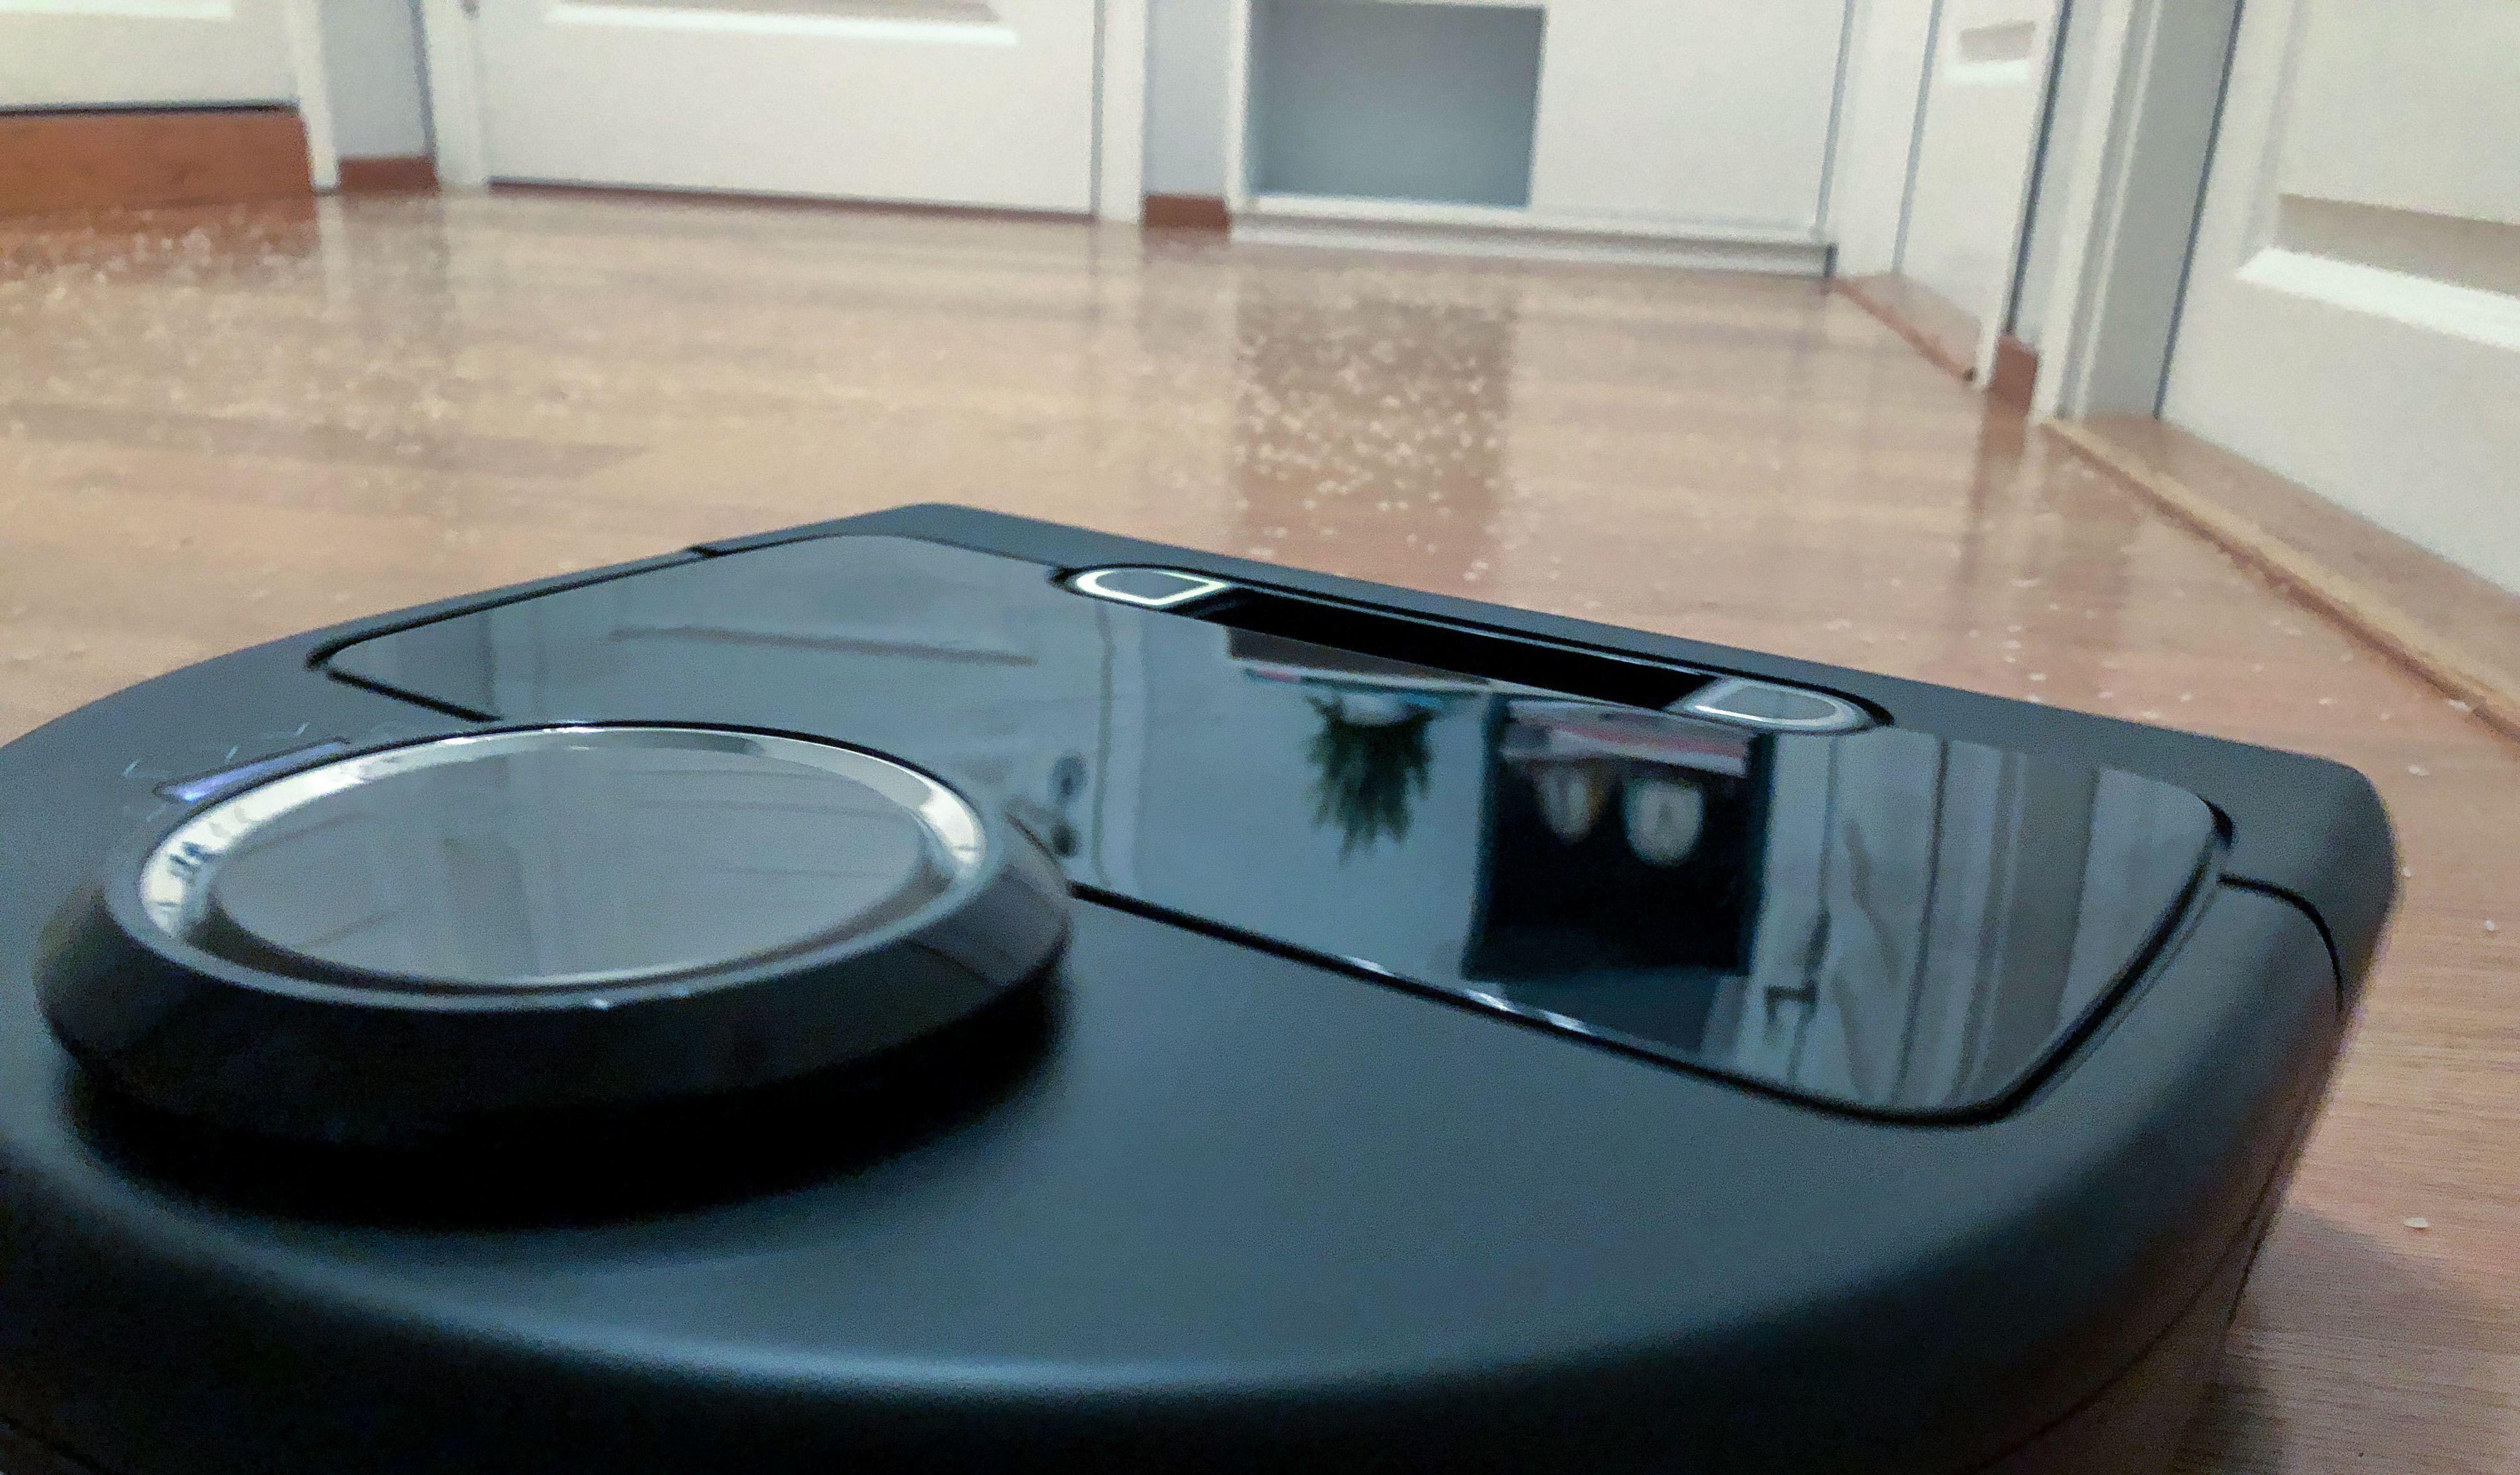 Slik så testrommet ut, med 60 gram riskorn strødd jevnt utover. undefined: Niklas Plikk, Tek.no